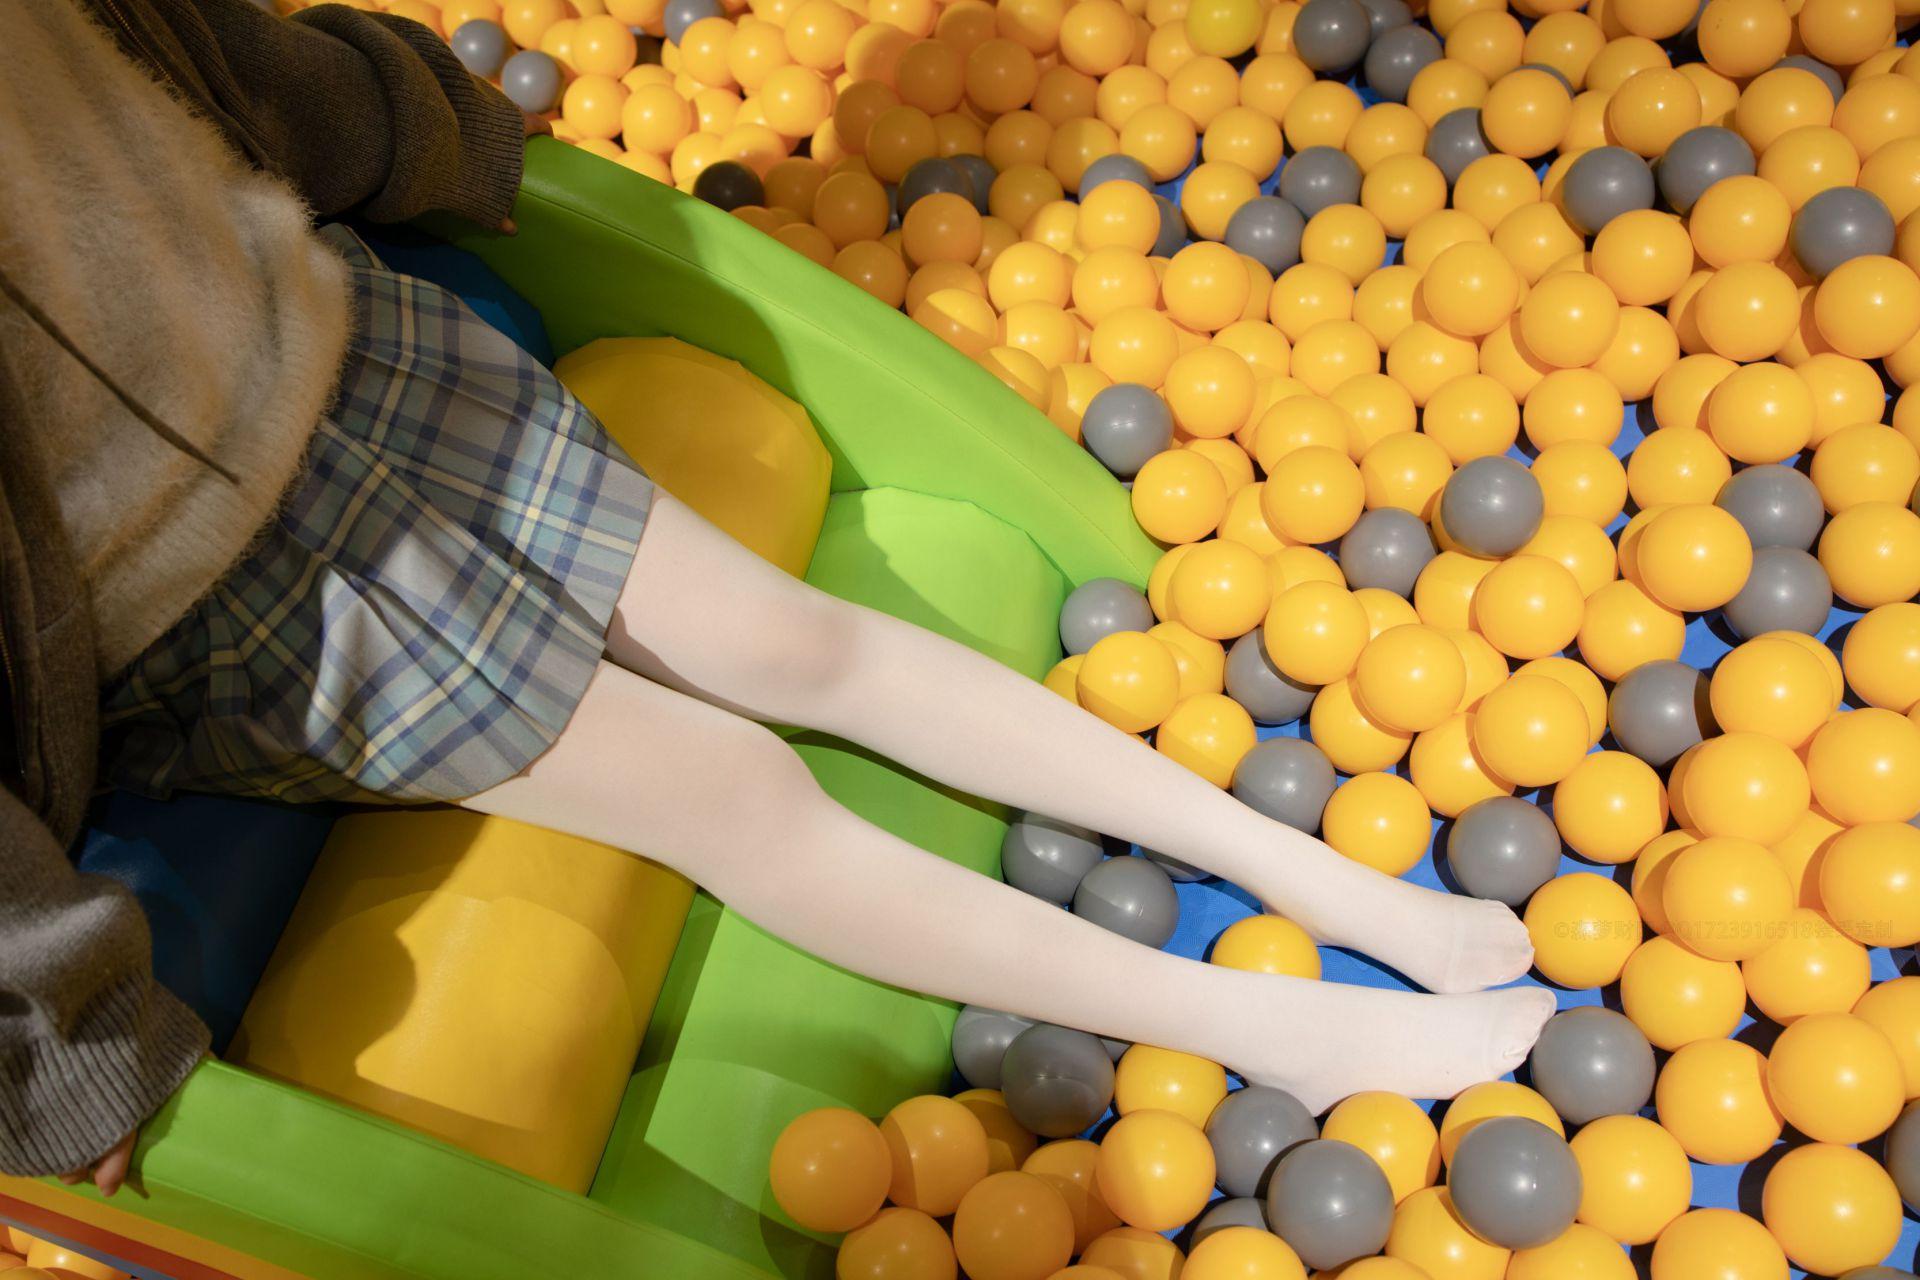 【森萝财团】森萝财团写真 – X-047 儿童乐园里的JK少女 [141P-1V-2.85GB] X系列 第2张